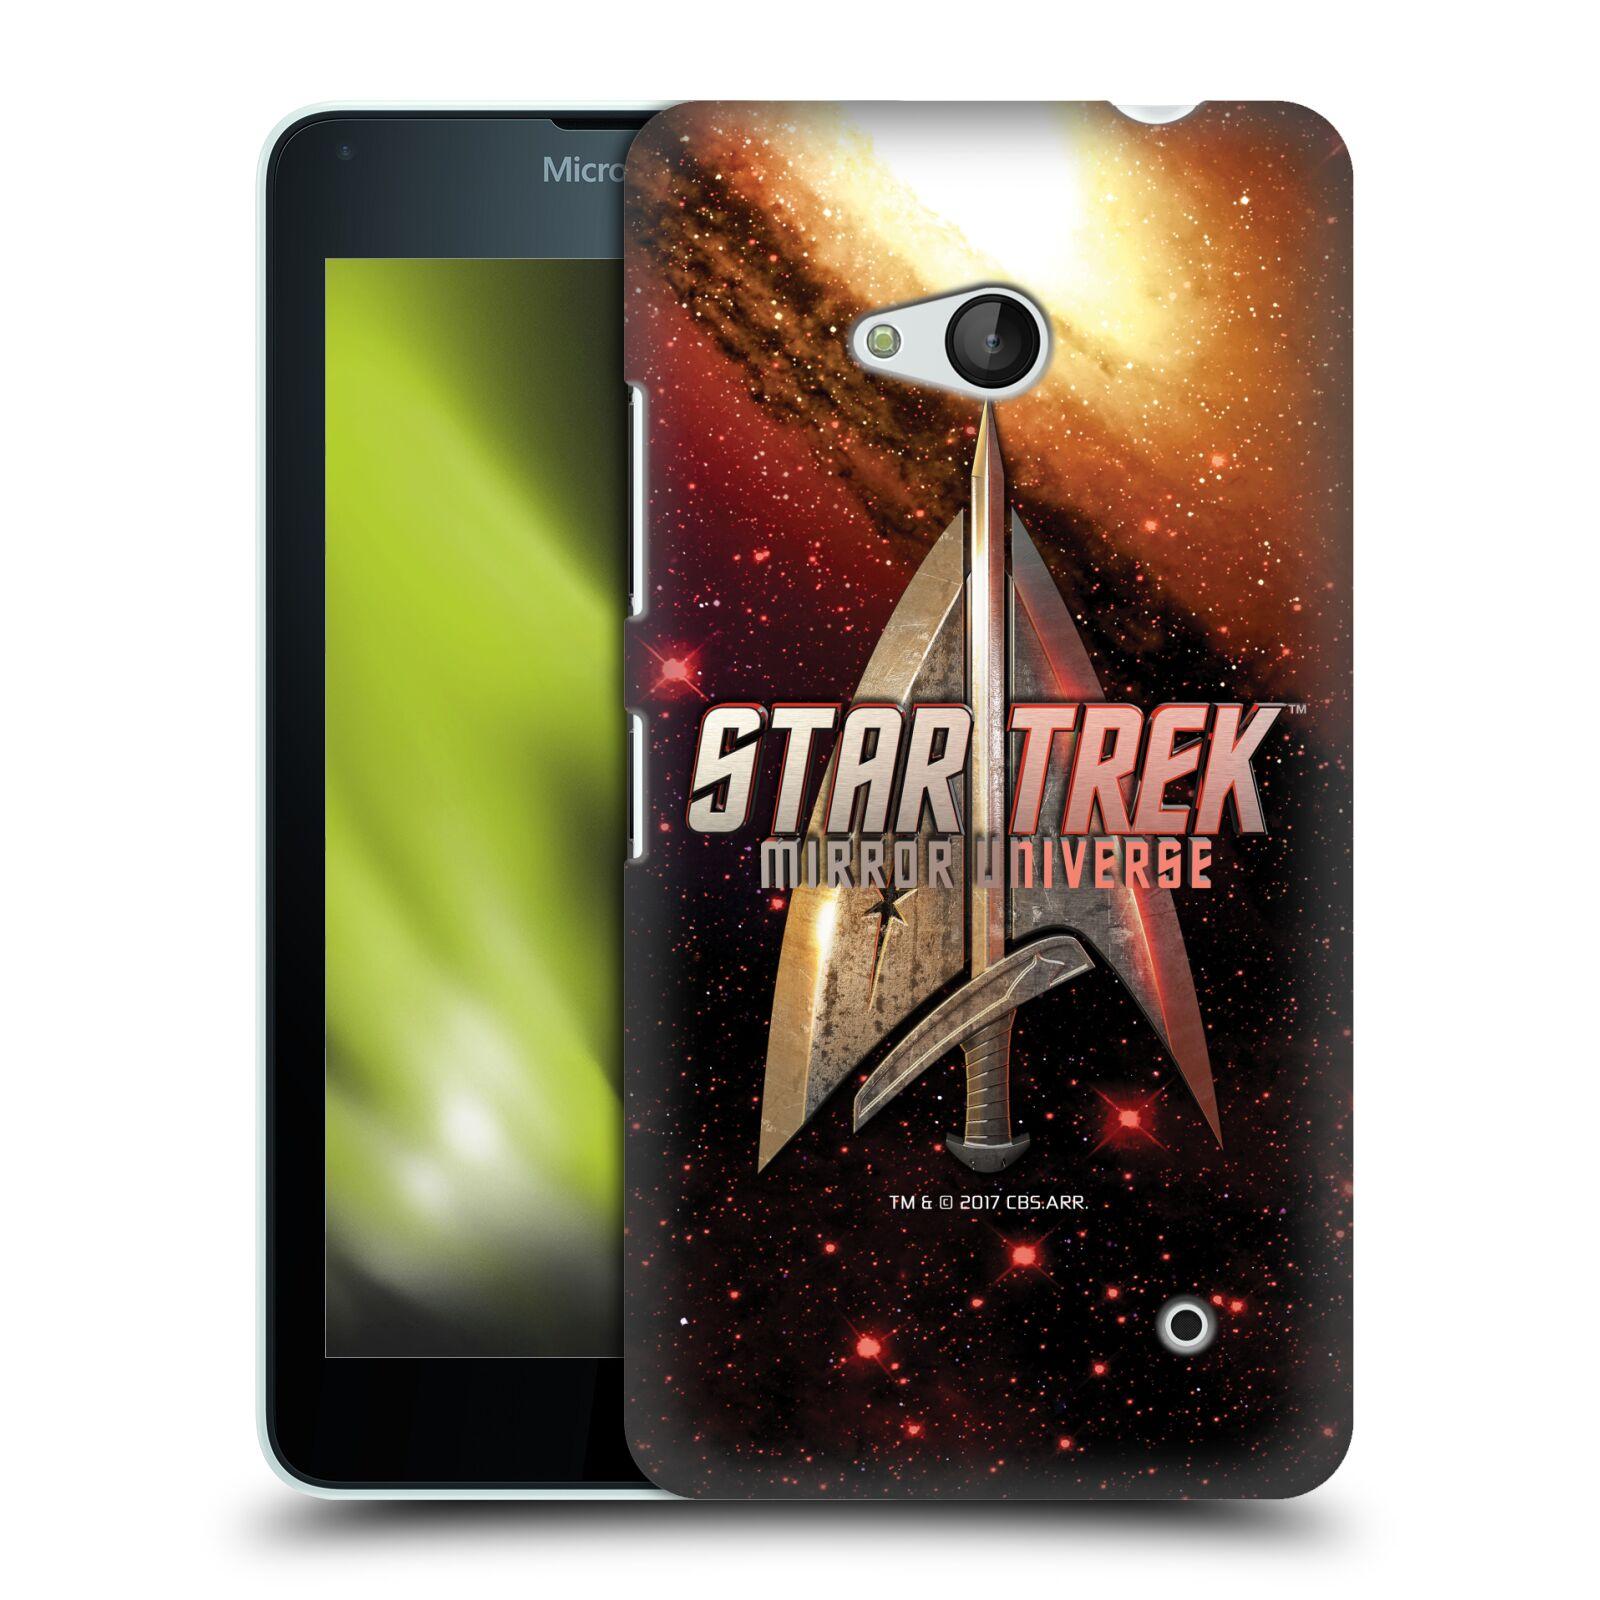 UFFICIALE-STAR-TREK-MIRROR-UNIVERSE-TNG-COVER-RETRO-RIGIDA-PER-NOKIA-TELEFONI-1